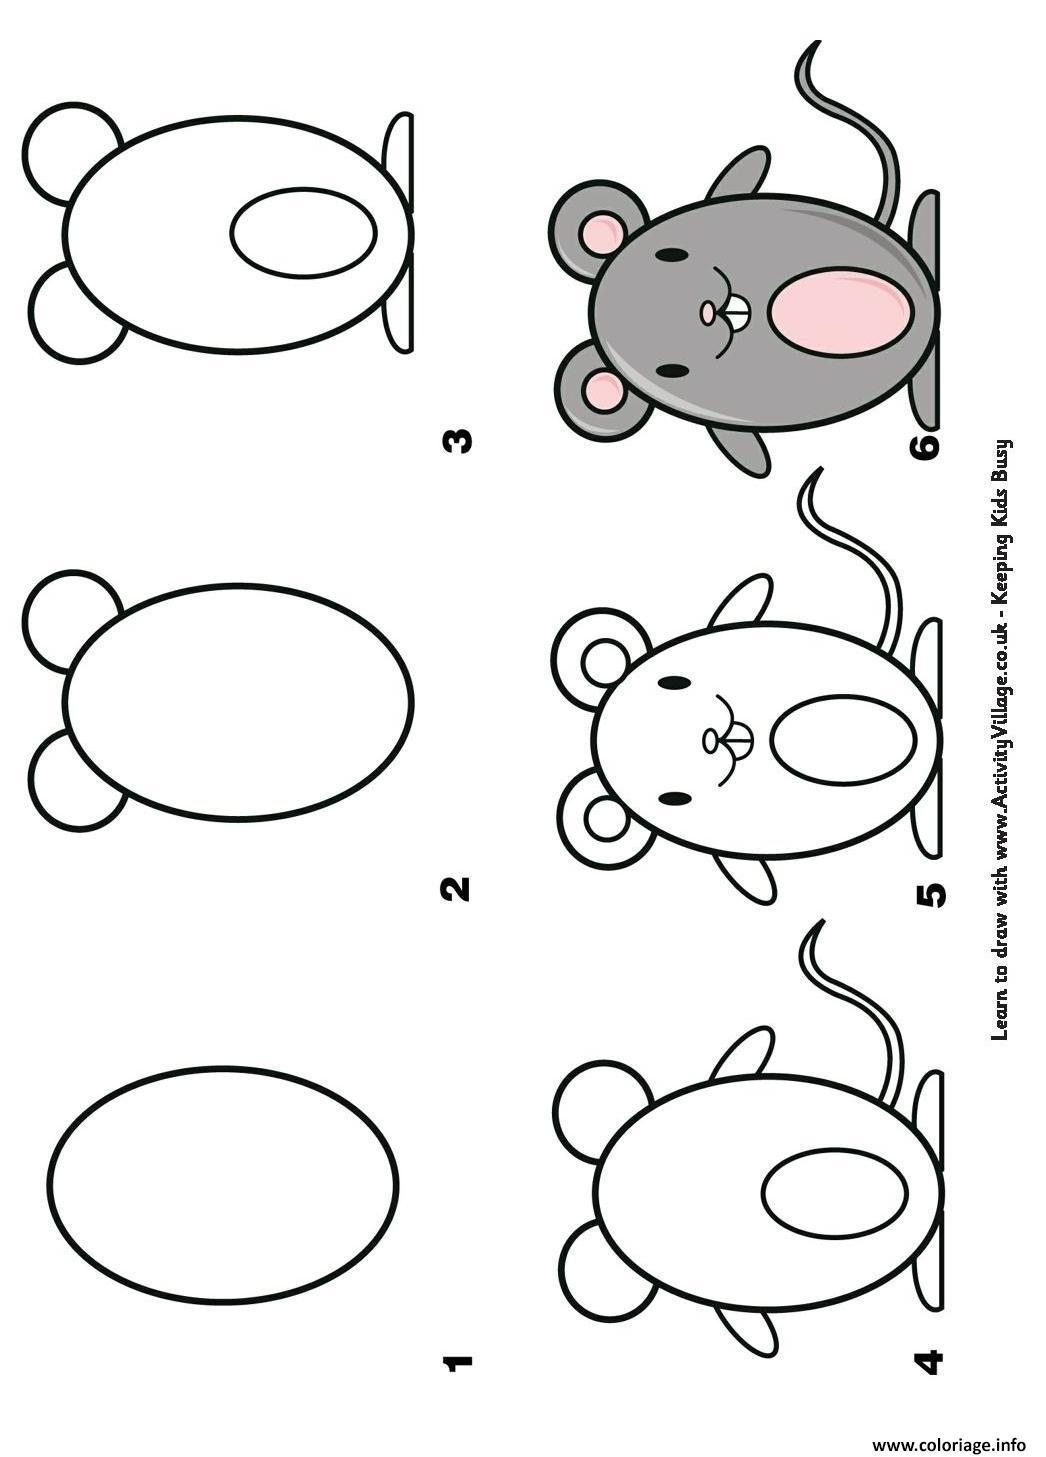 Coloriage Comment Dessiner Une Souris Etape Par Etape Dessin